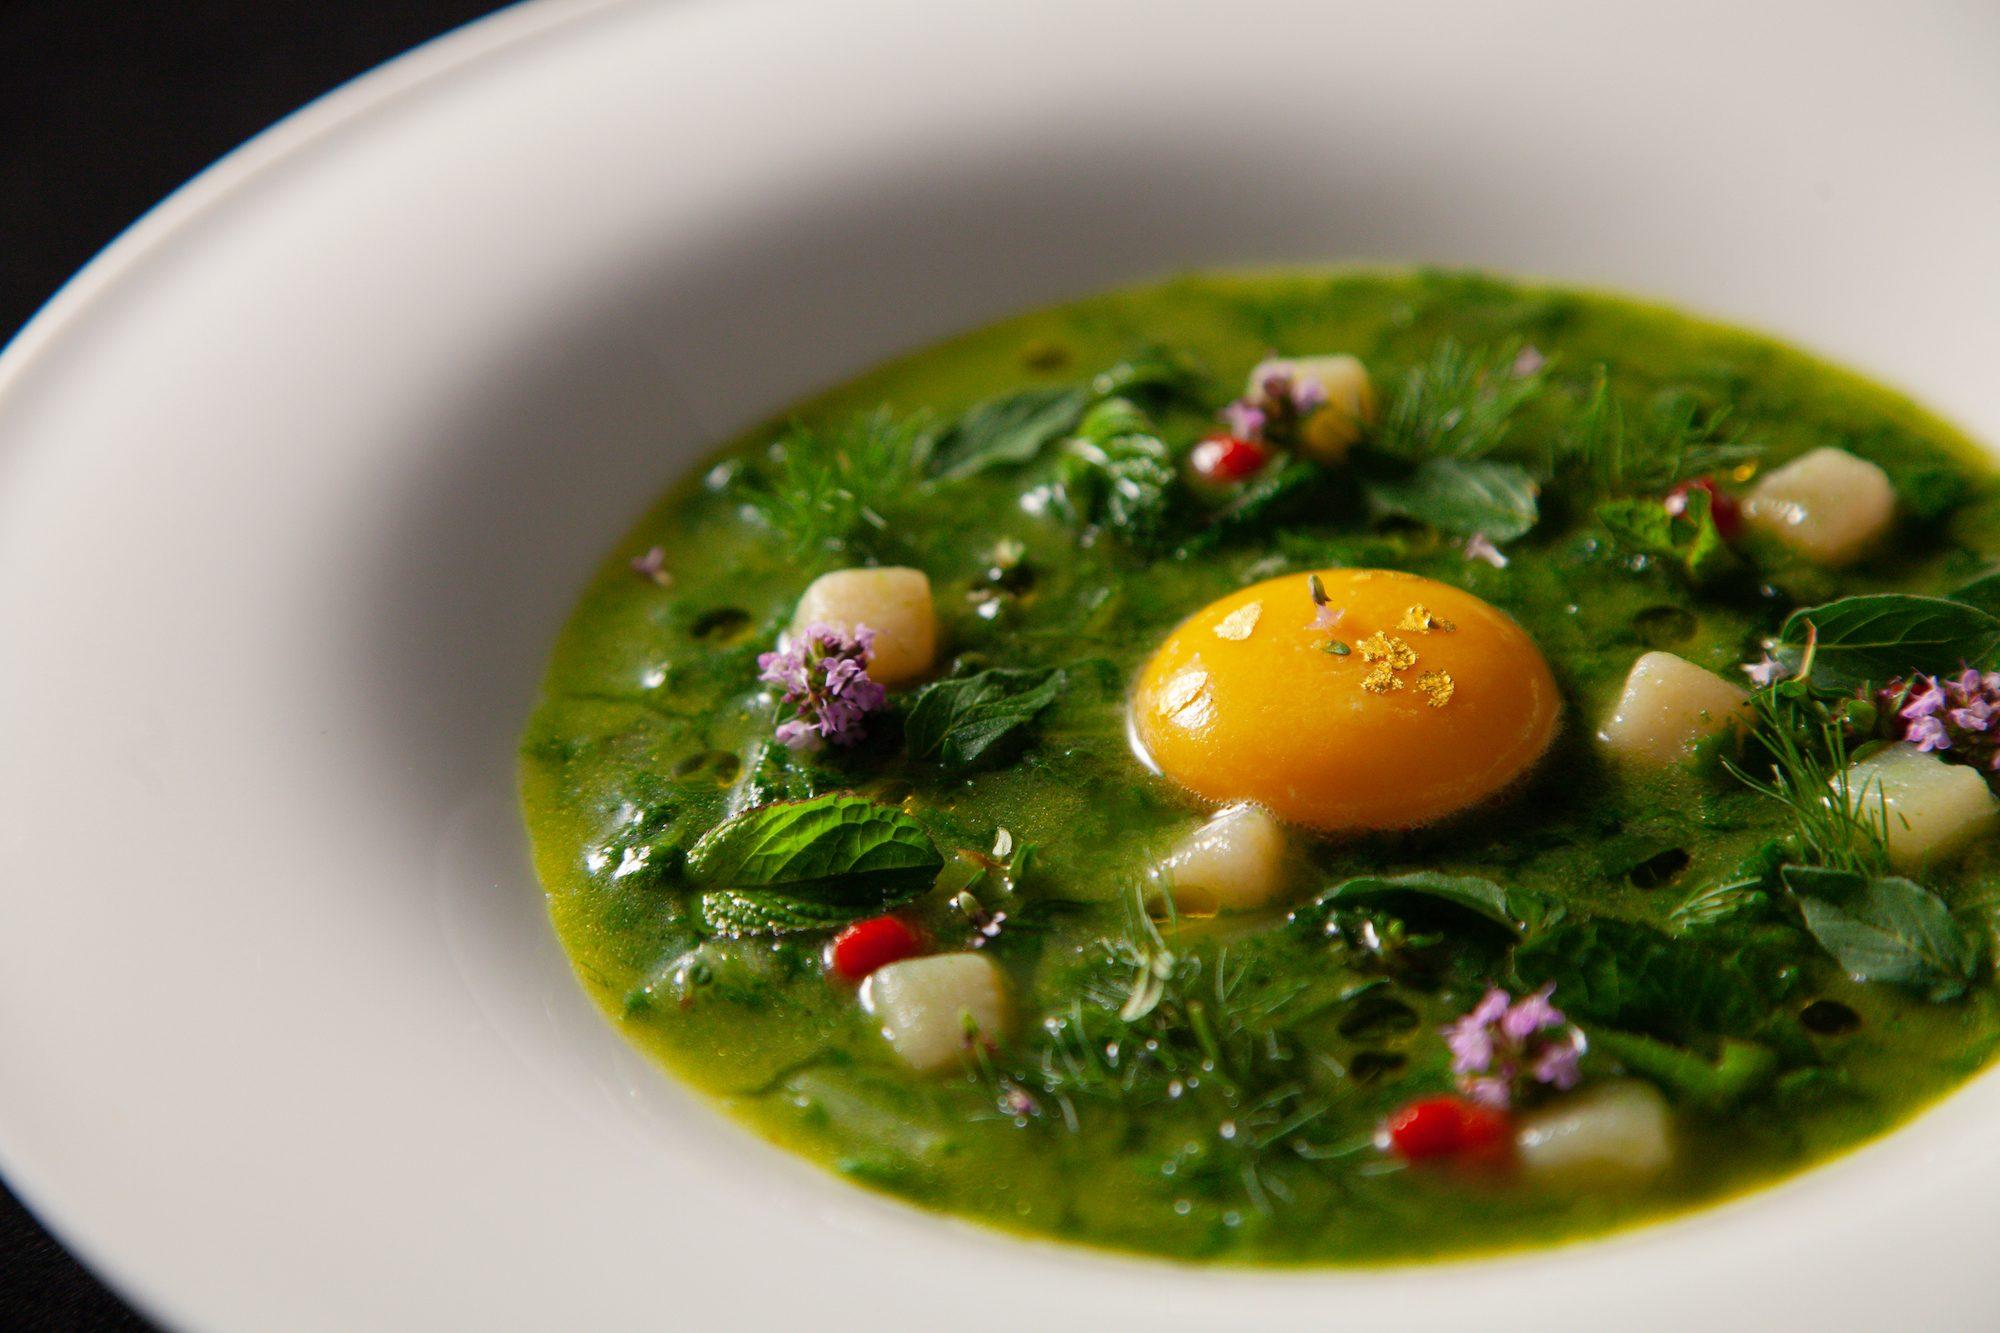 Piatti tipici della Tuscia: dall'acquacotta al fieno, le ricette di Viterbo e provincia